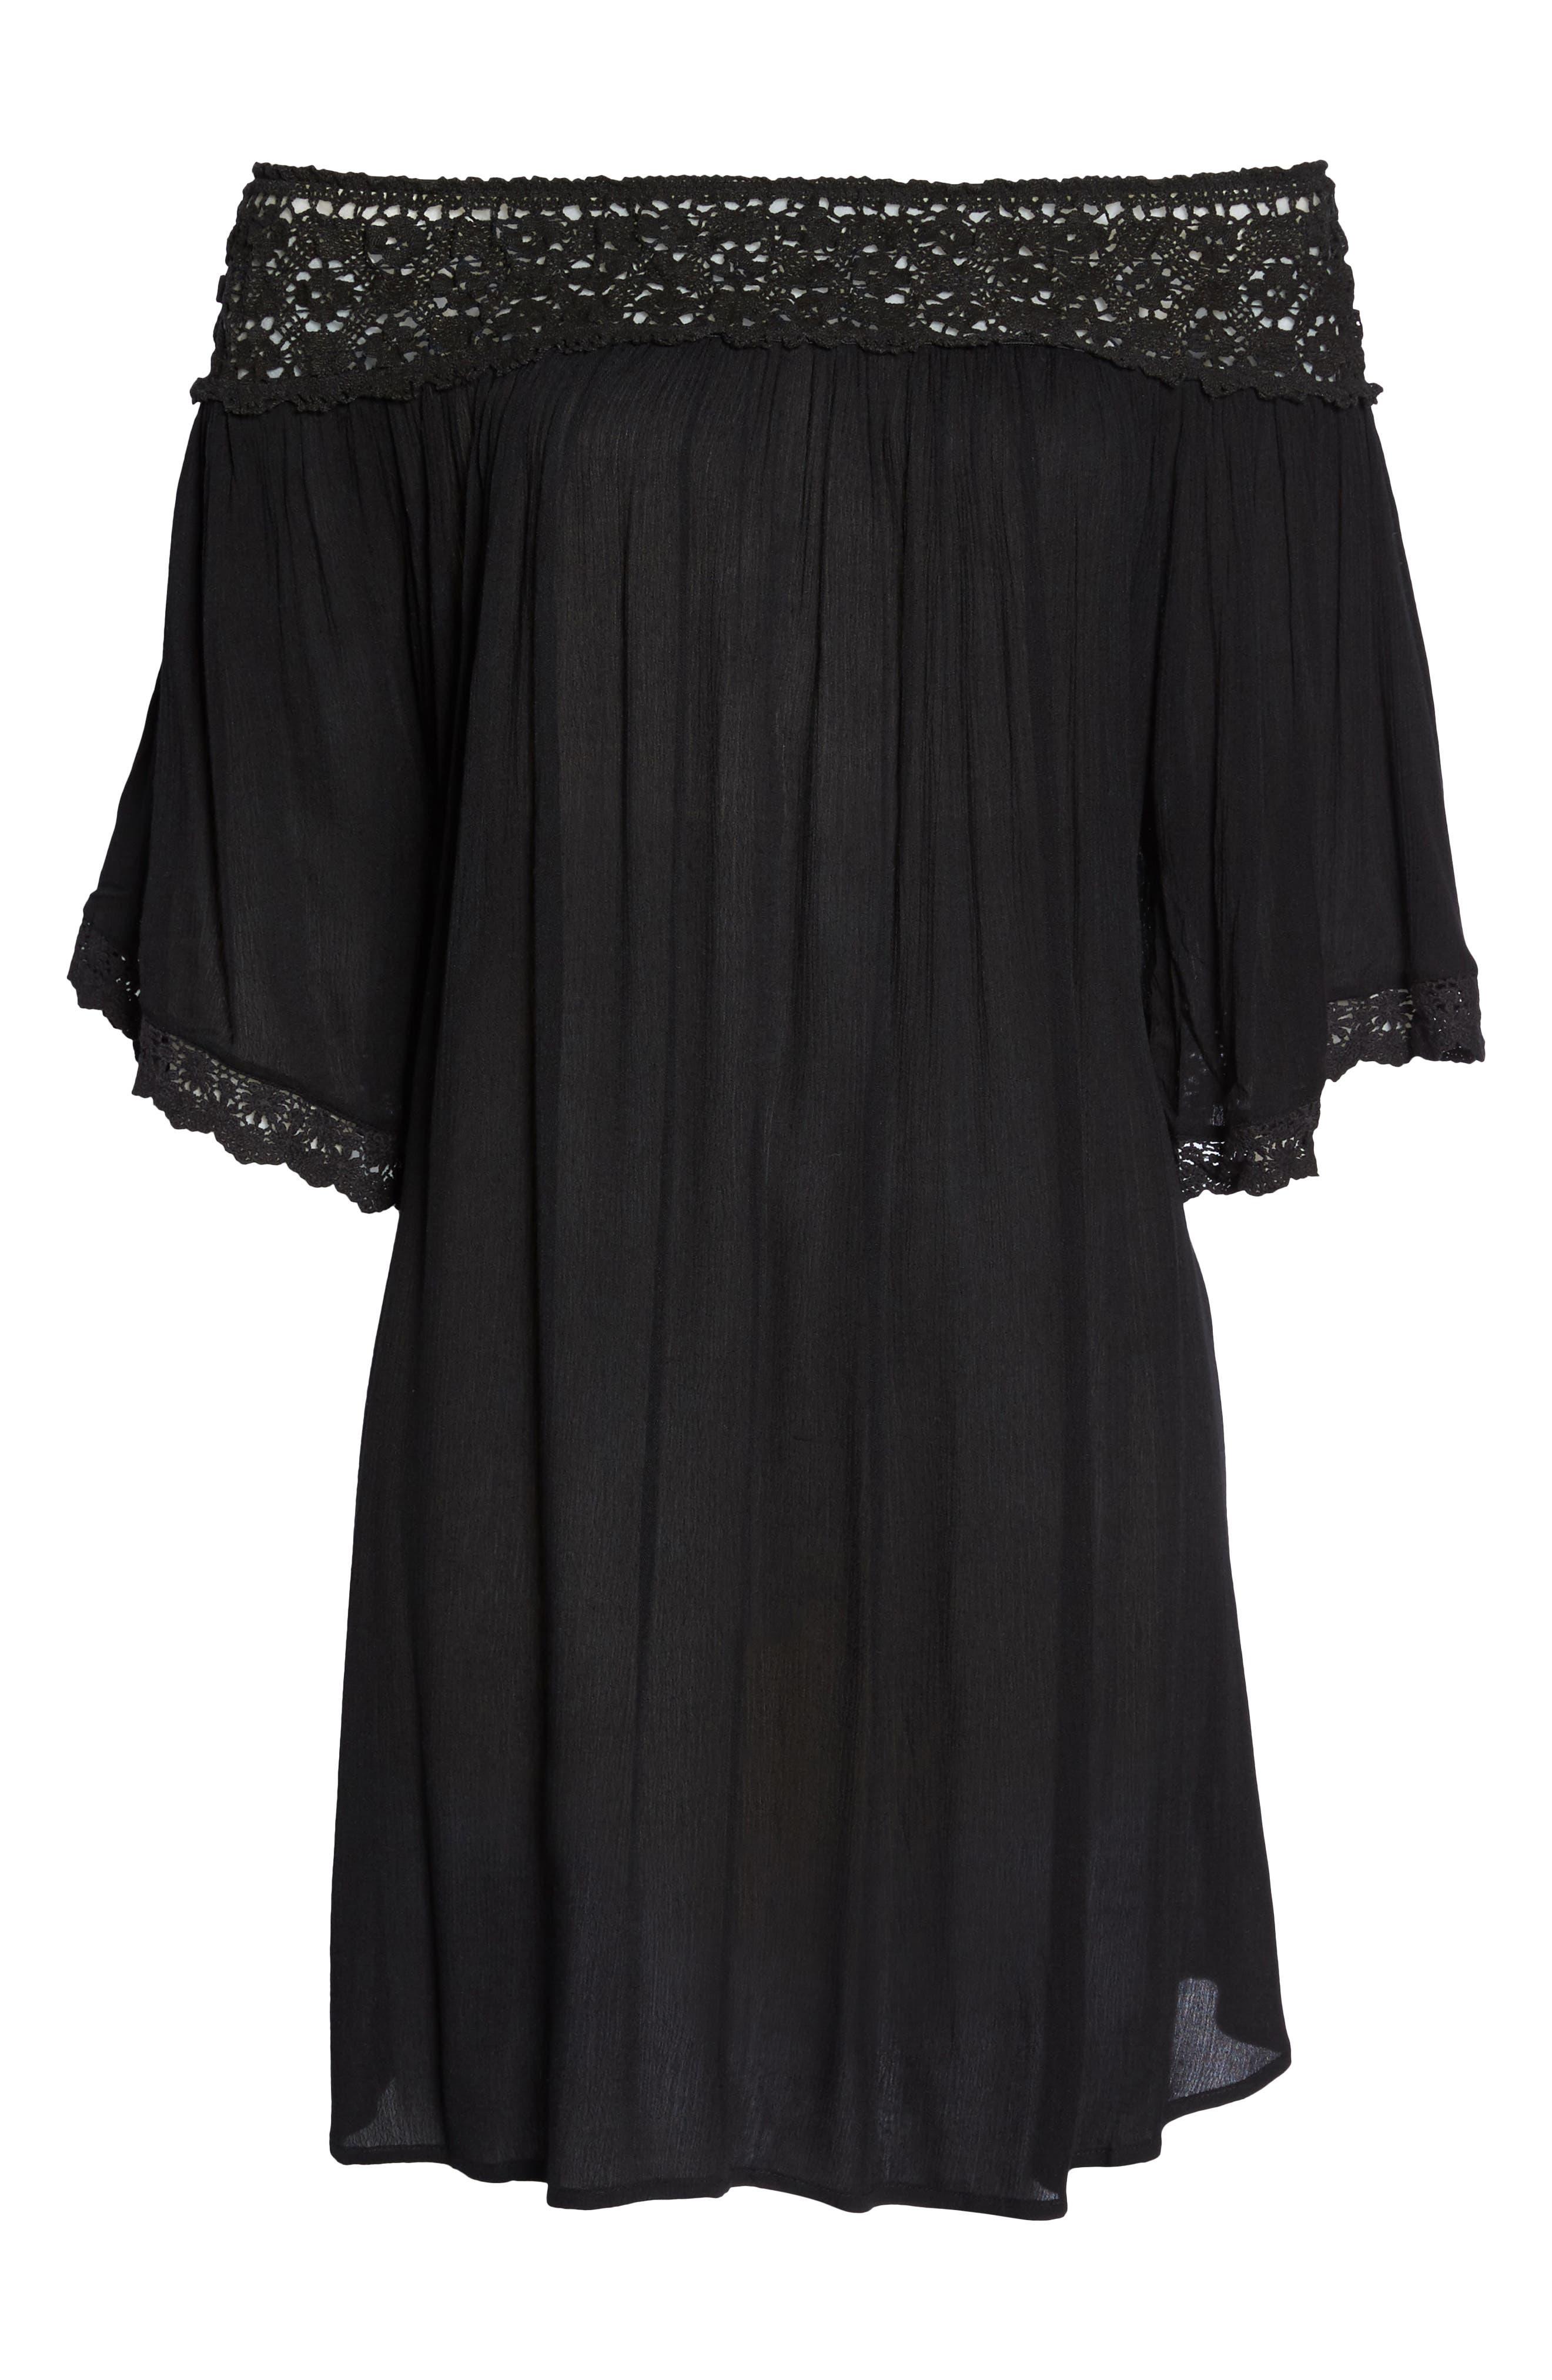 Rimini Crochet Cover-Up Dress,                             Alternate thumbnail 6, color,                             Black